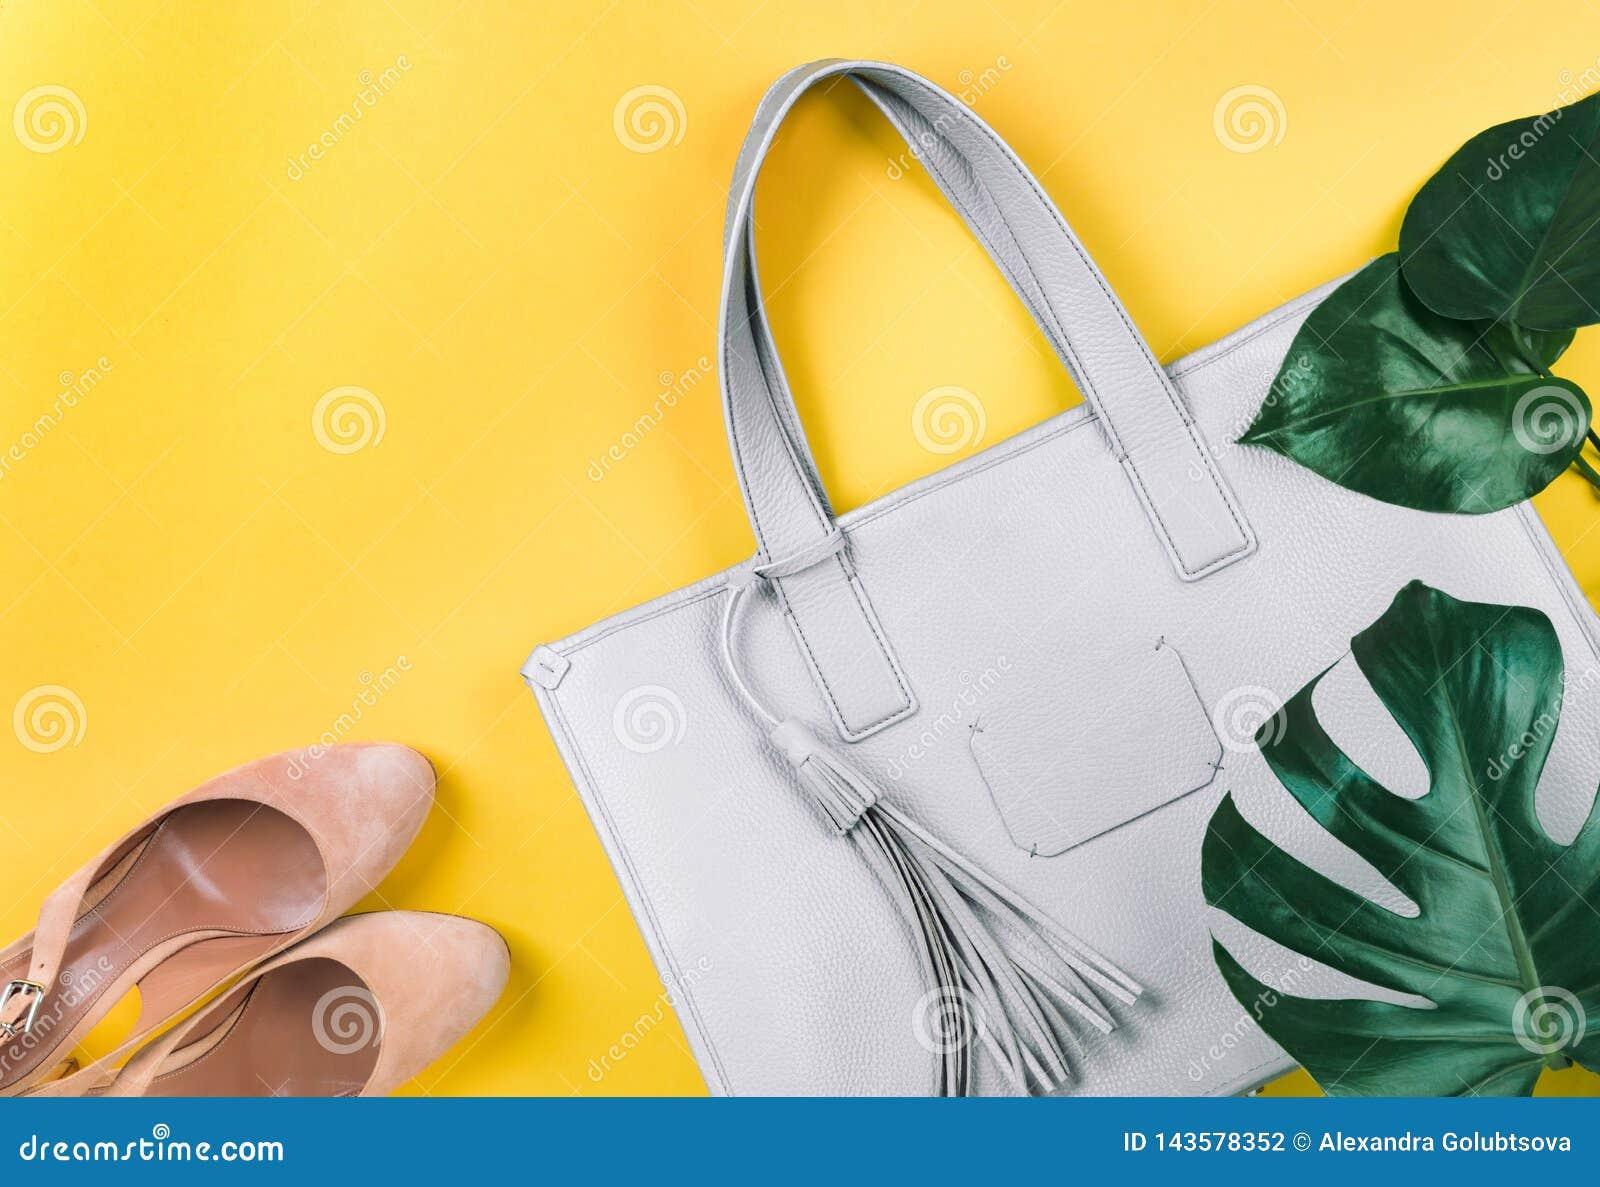 Composición Zapatos Hoja FemeninoDe Del Bolso Y La Foto Verde wP80OXNnk